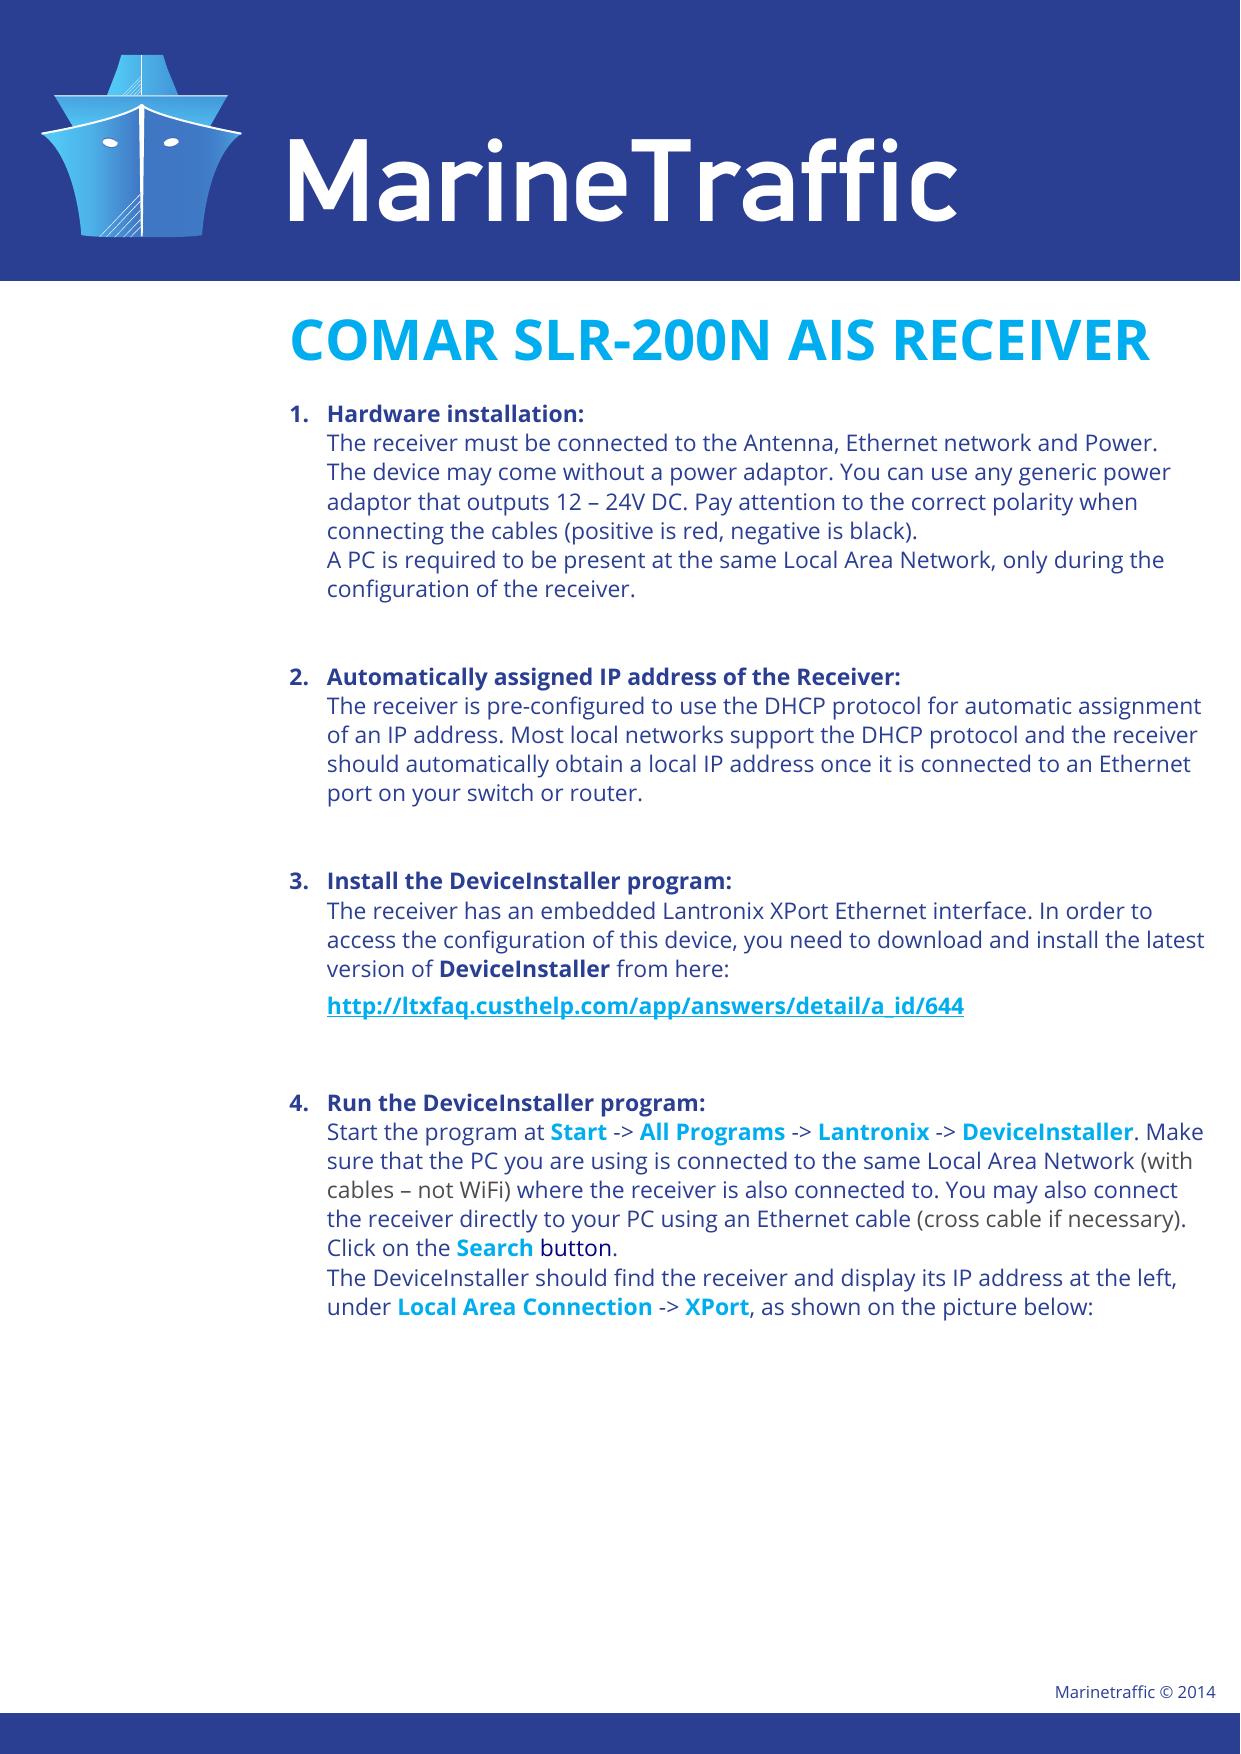 comar slr-200n ais receiver | manualzz com